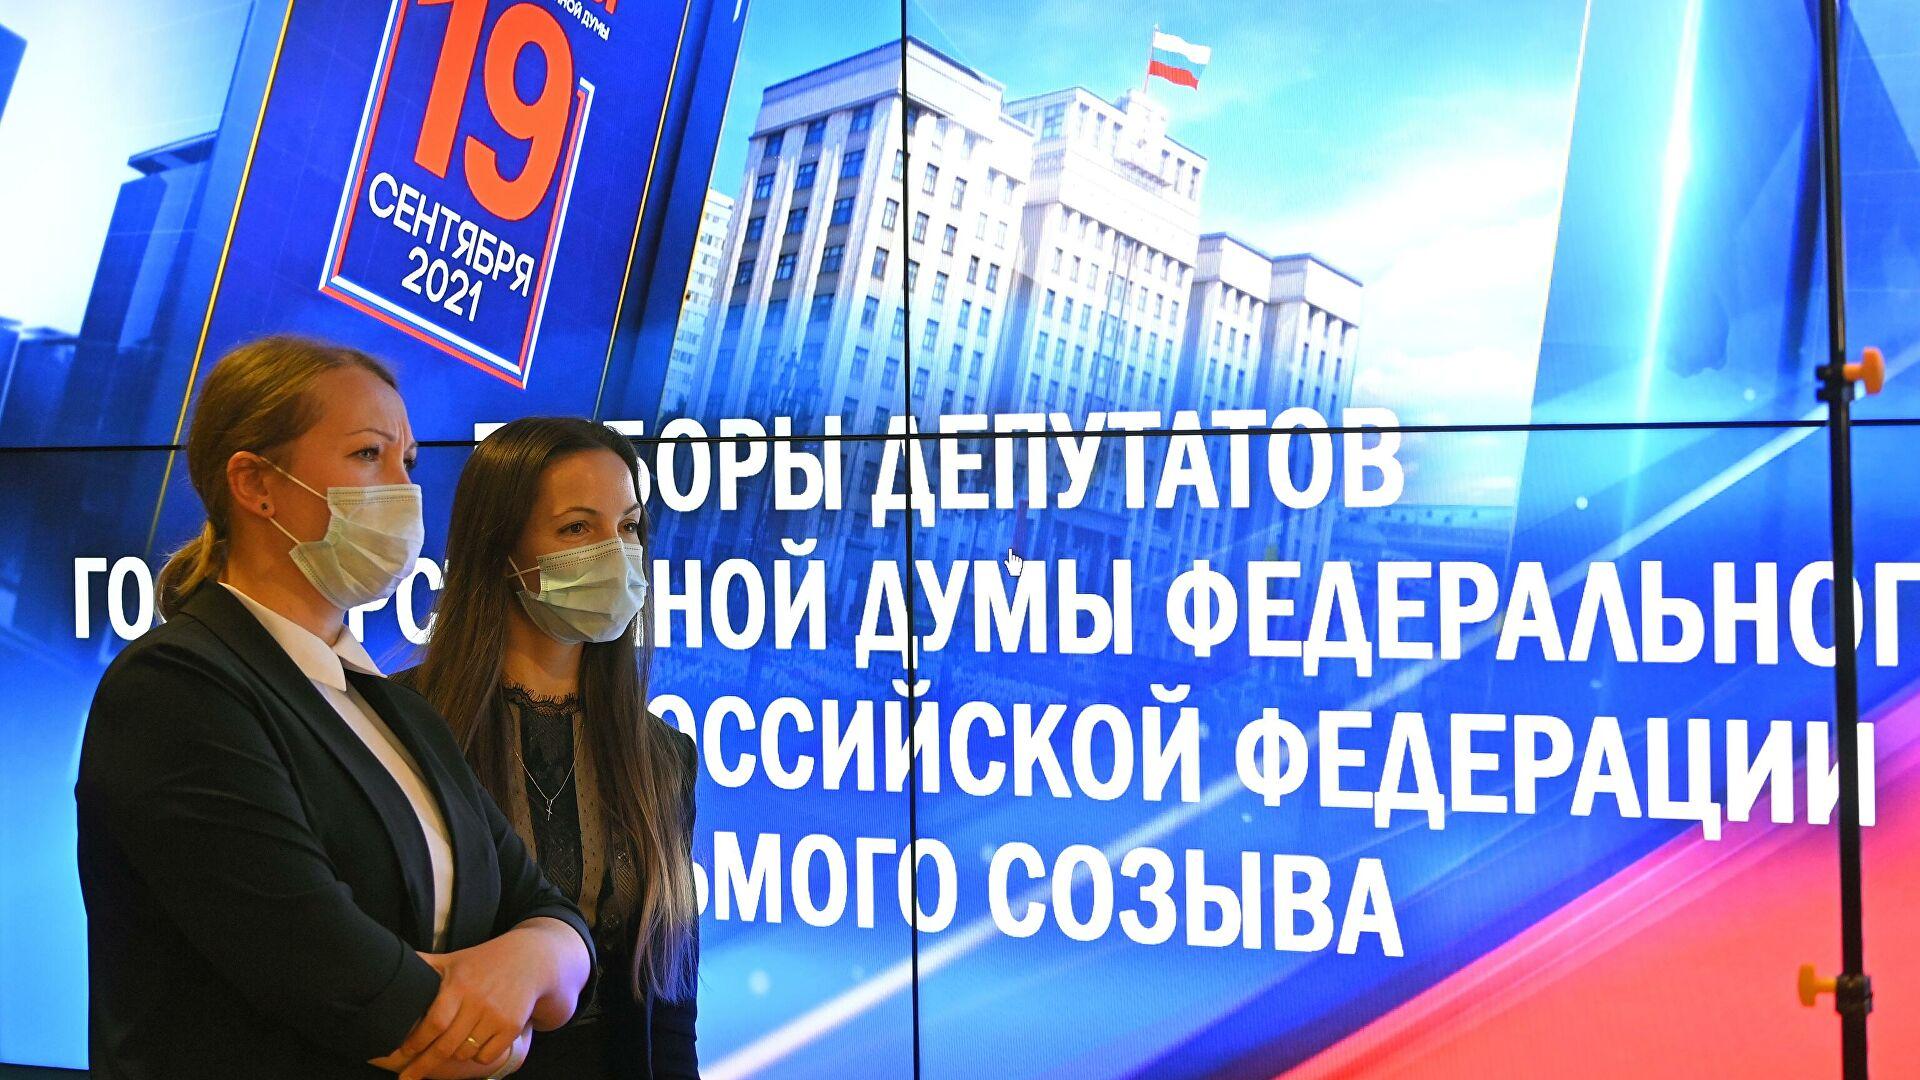 Более 900 хакерских атак зафиксировали навыборах вГосдуму